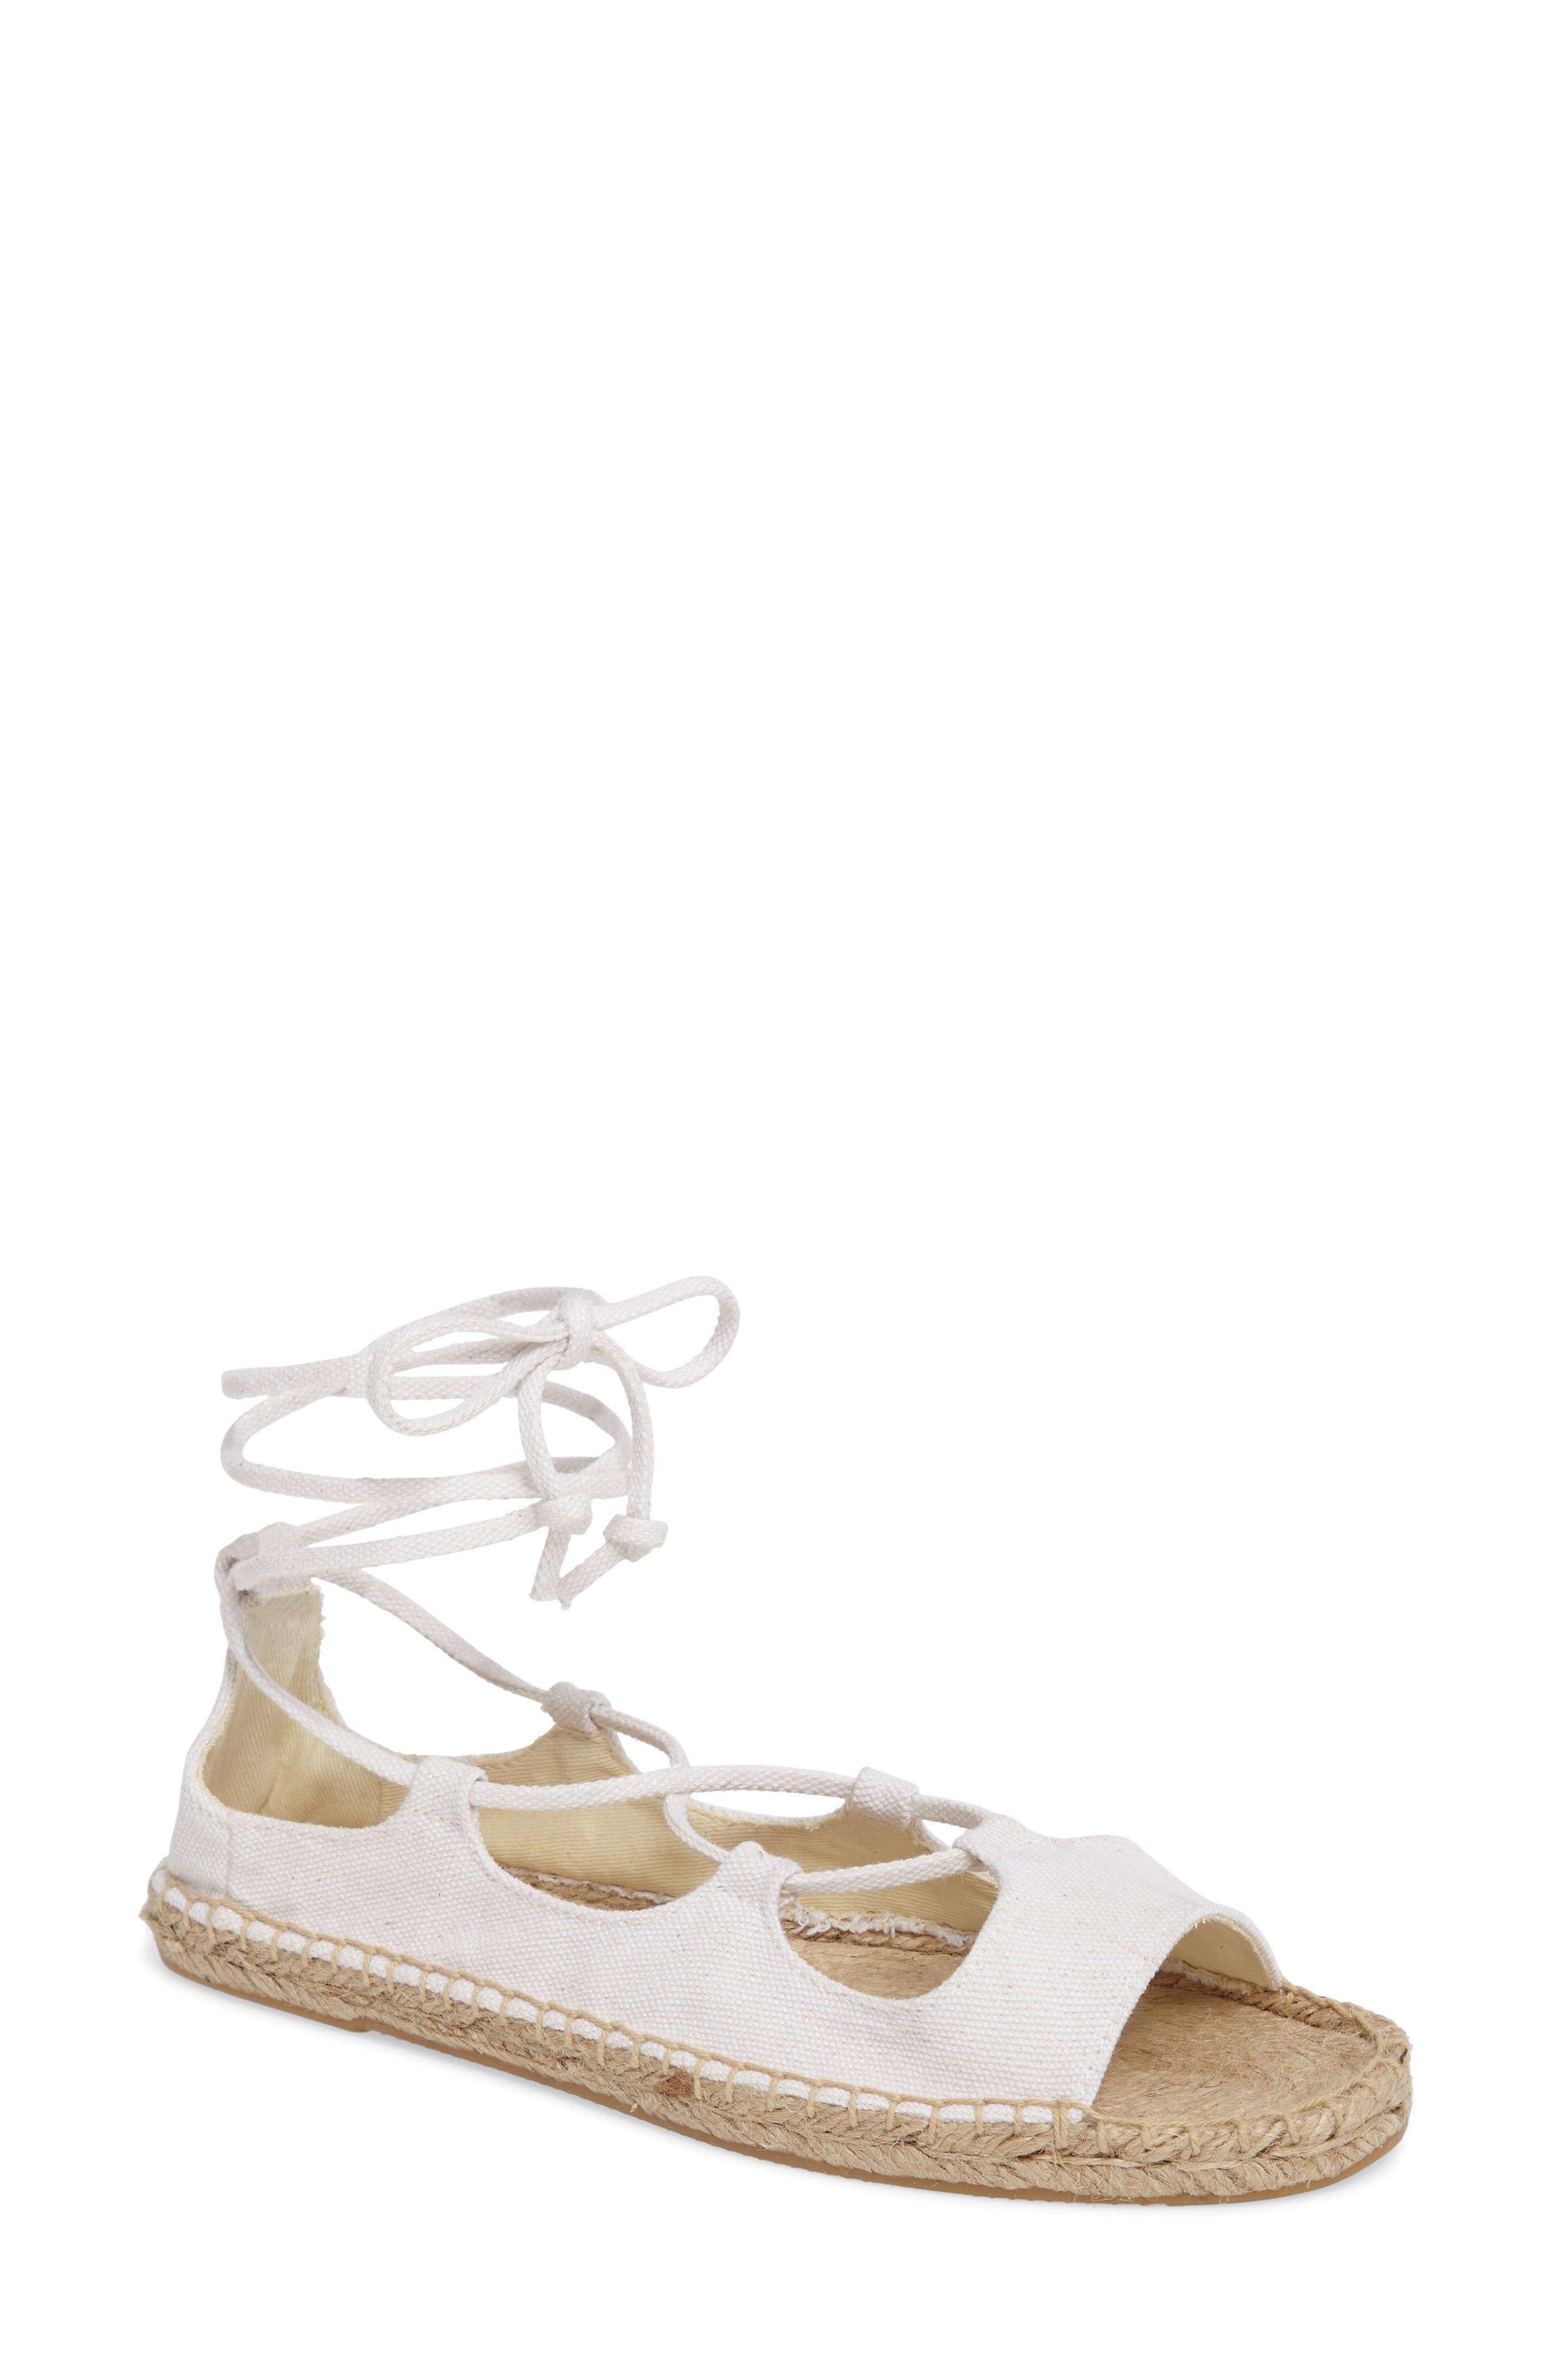 Soludos Biarritz Sandal (Women)